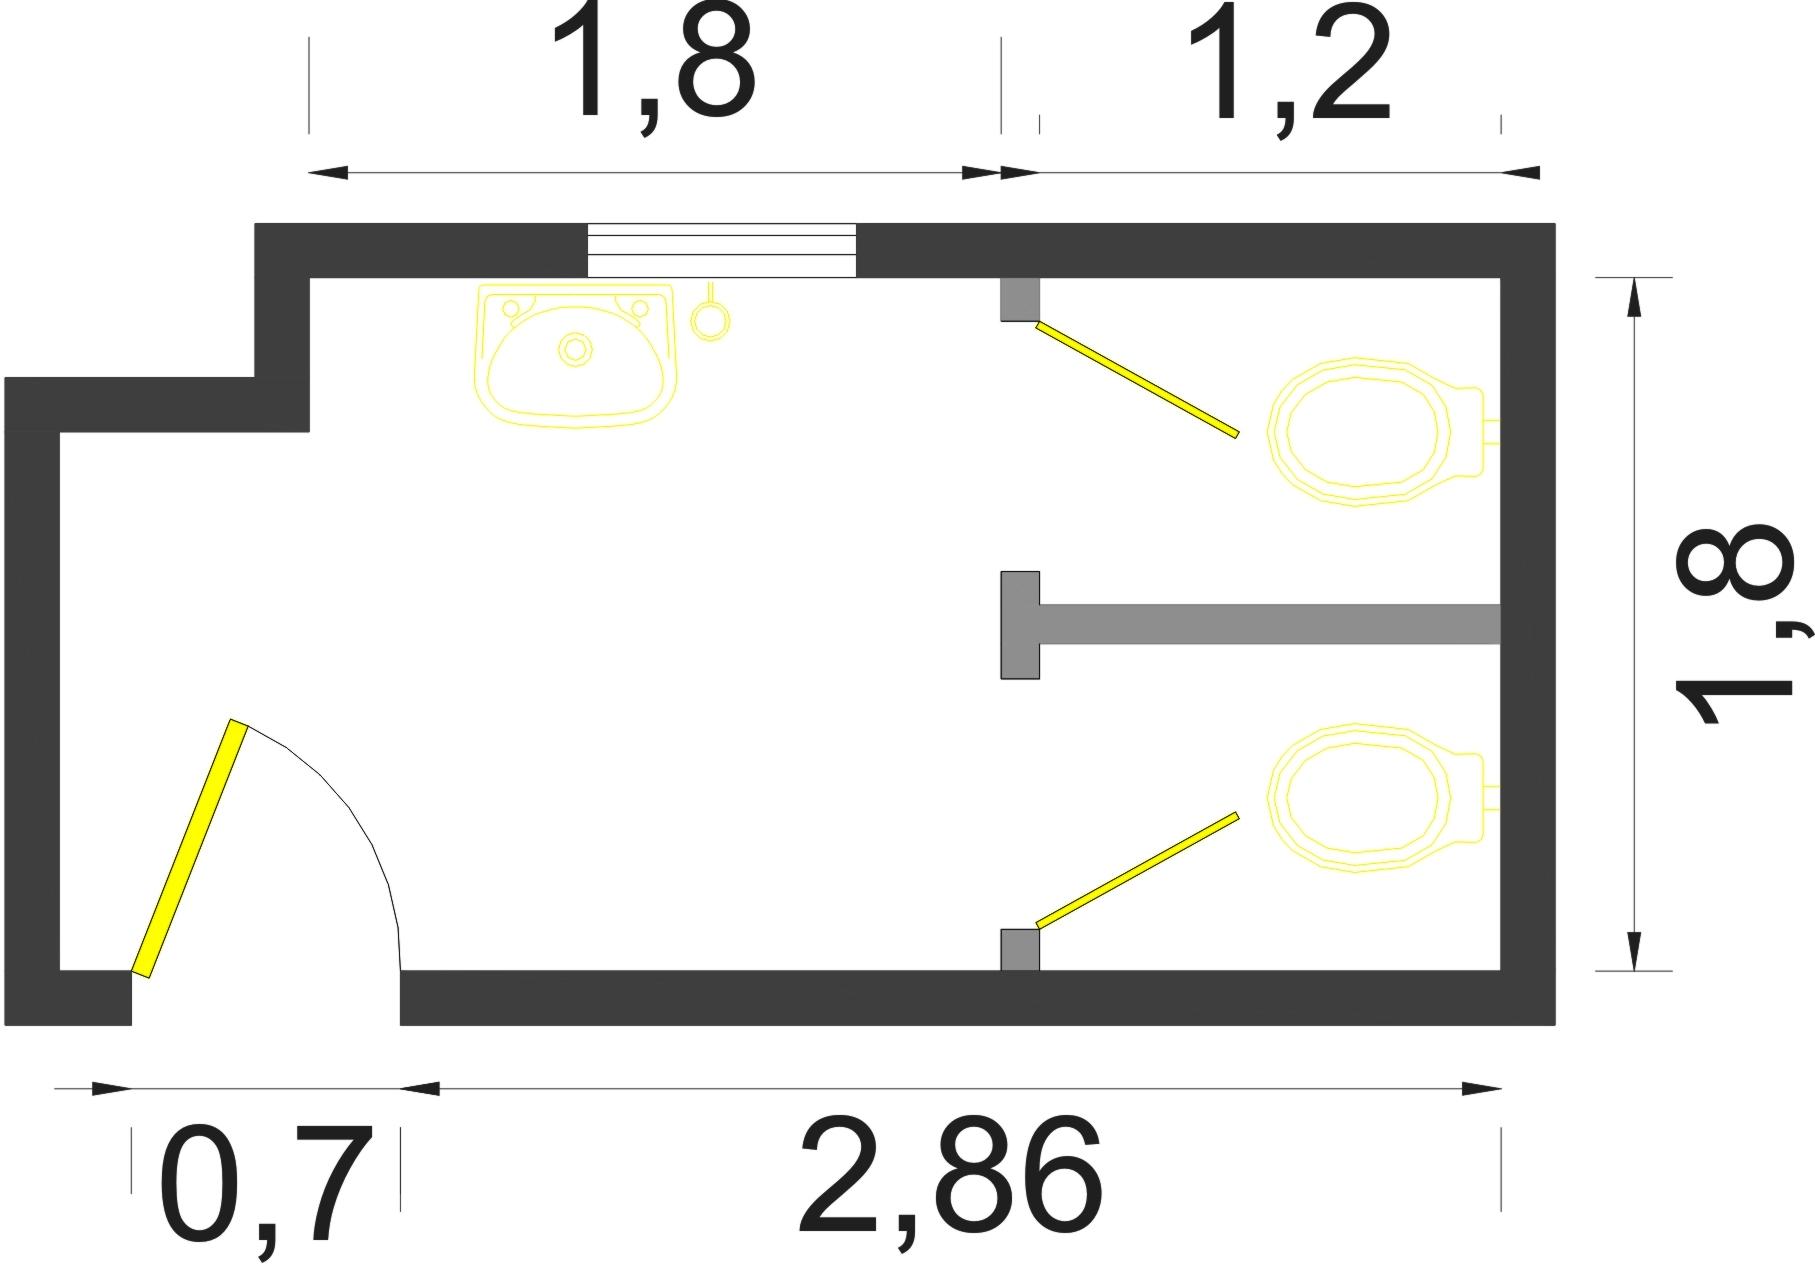 Proposta para um Sanitário ser Acessível Arquitetura Acessível #BEBE0D 1815x1264 Banheiro Coletivo Acessivel